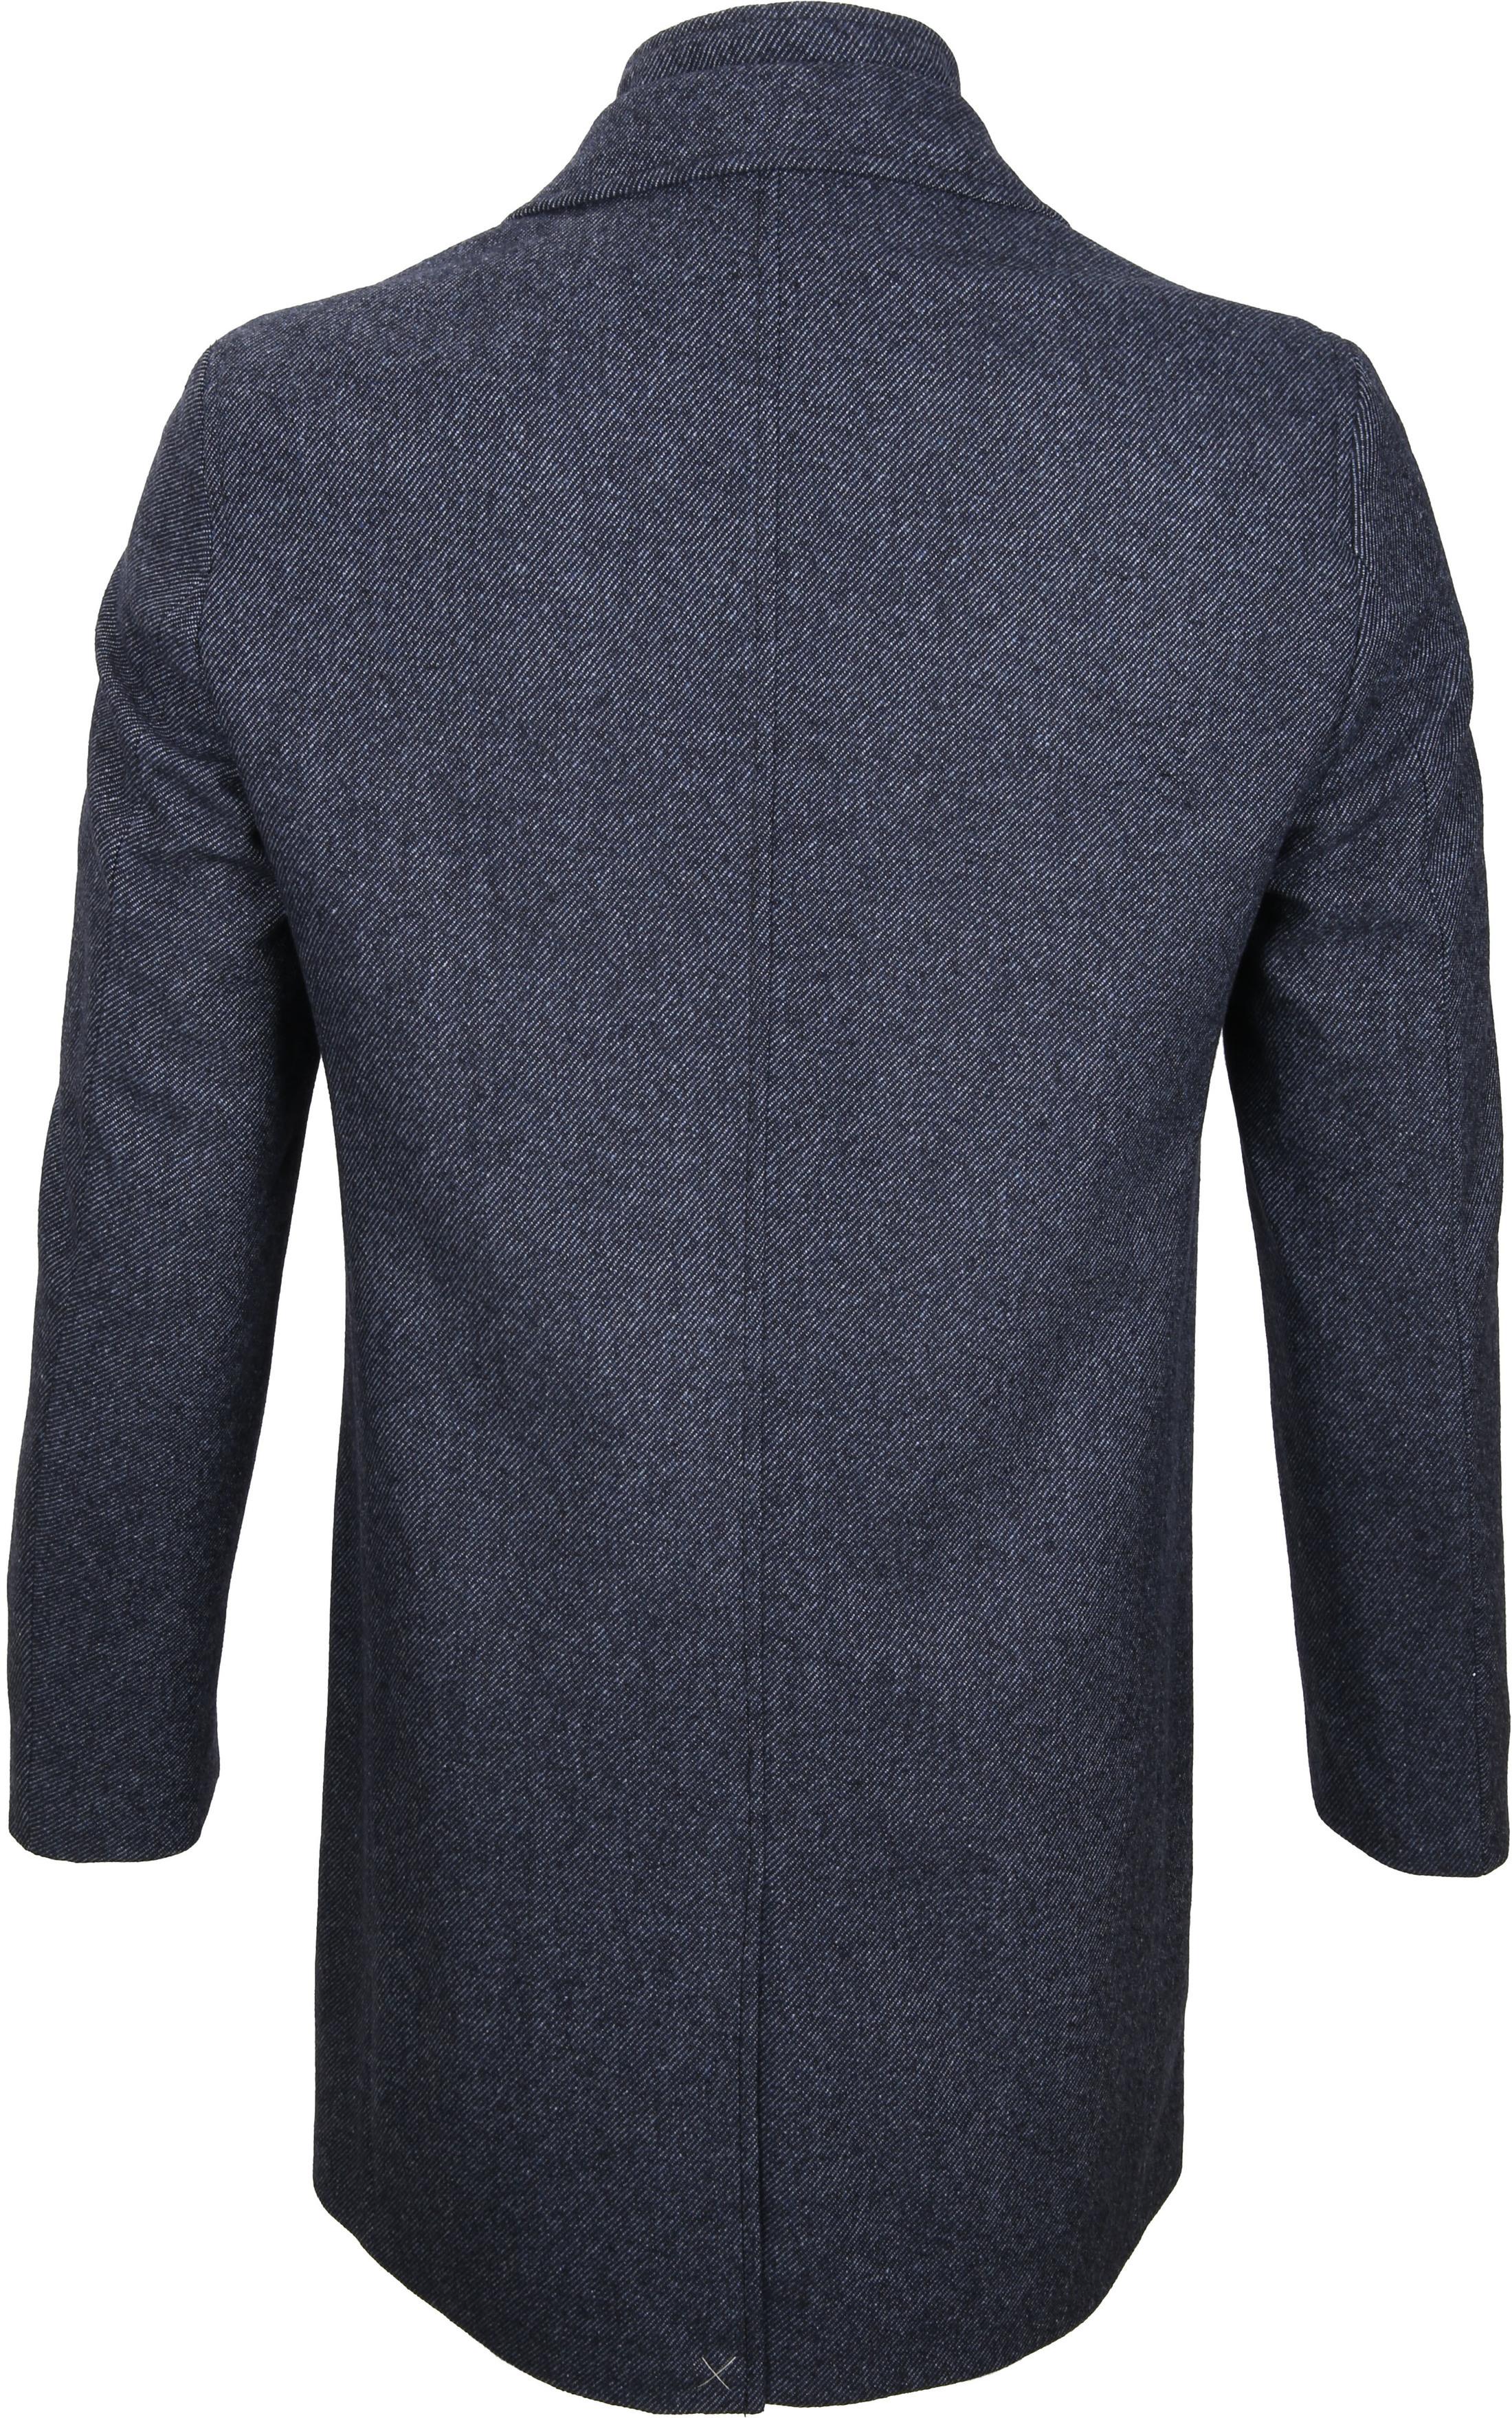 Suitable Coat Hans Jeans Navy foto 6